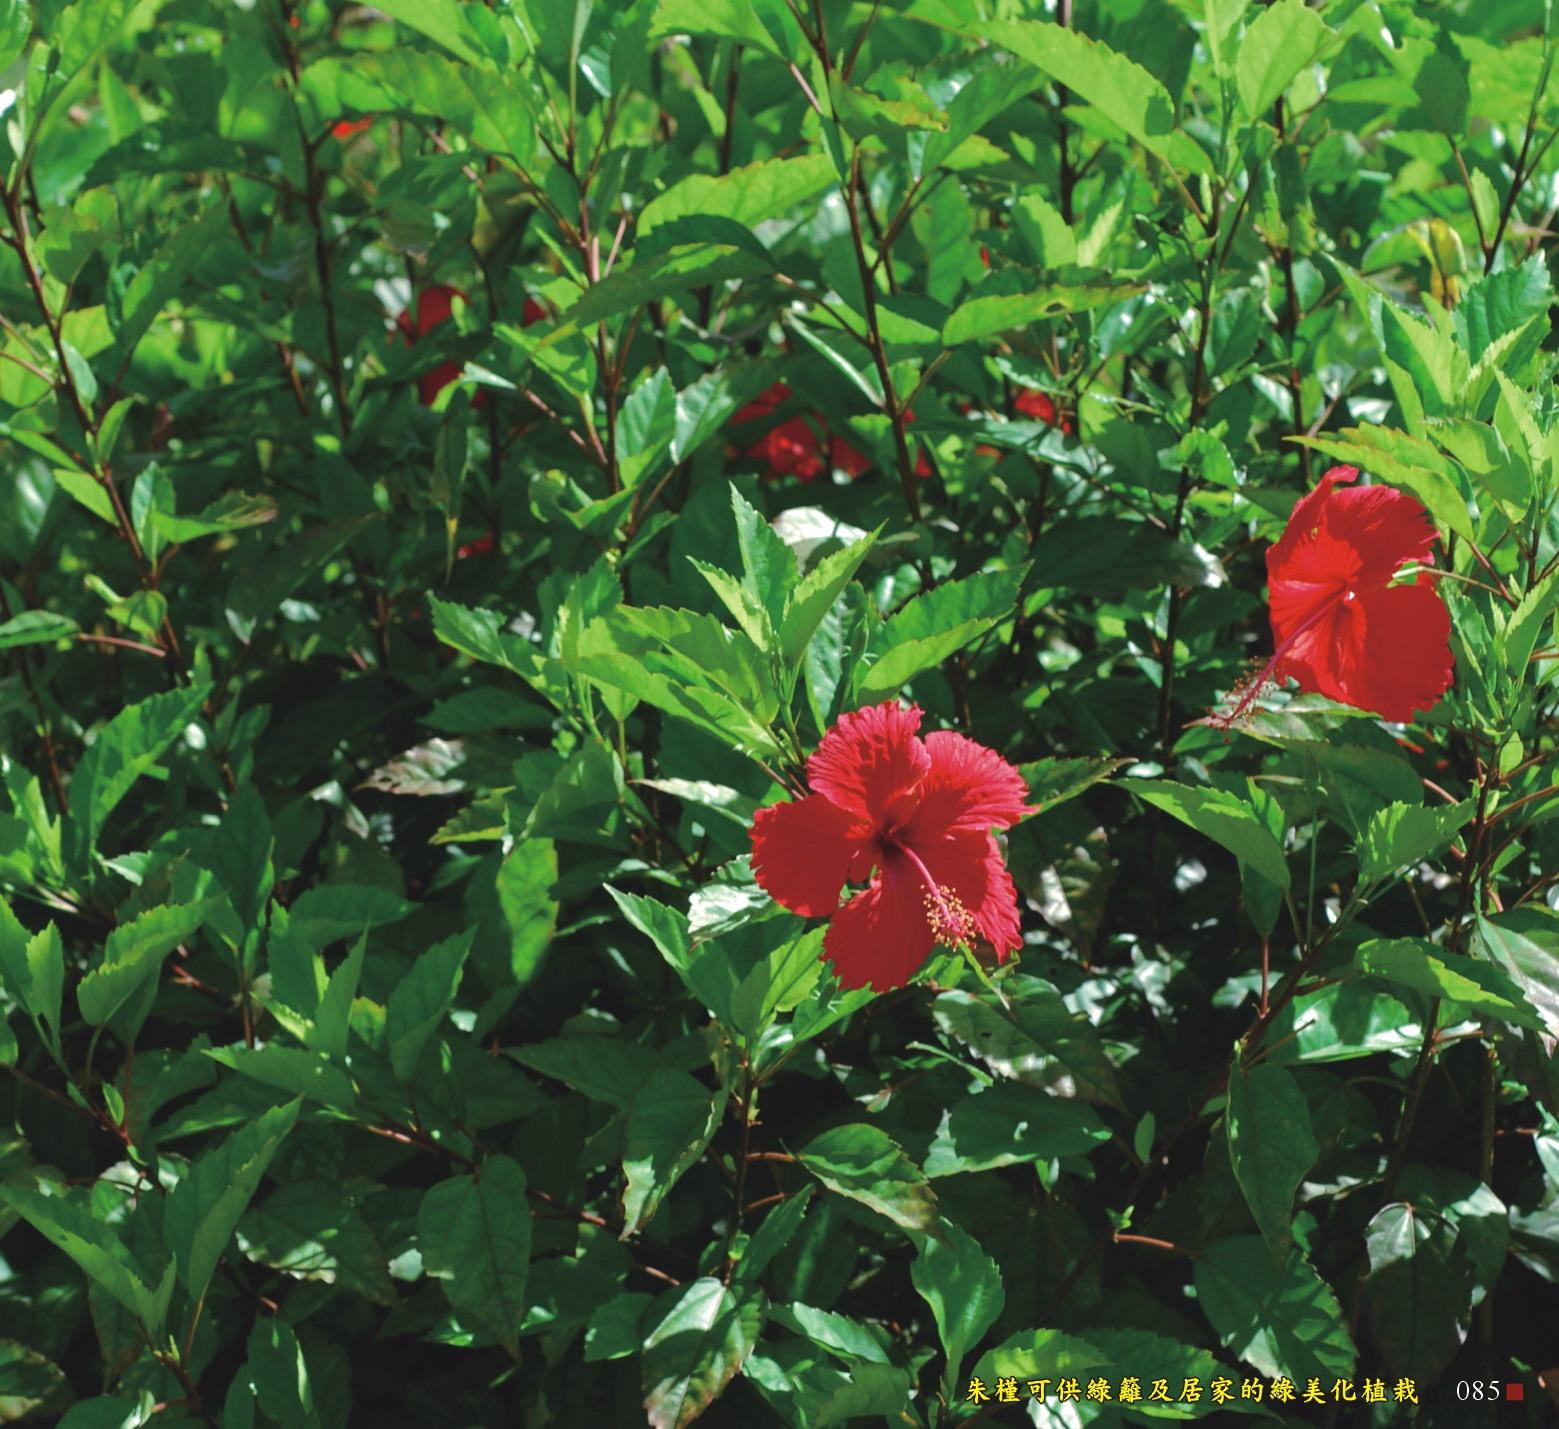 朱槿可供綠籬及居家的綠美化植栽